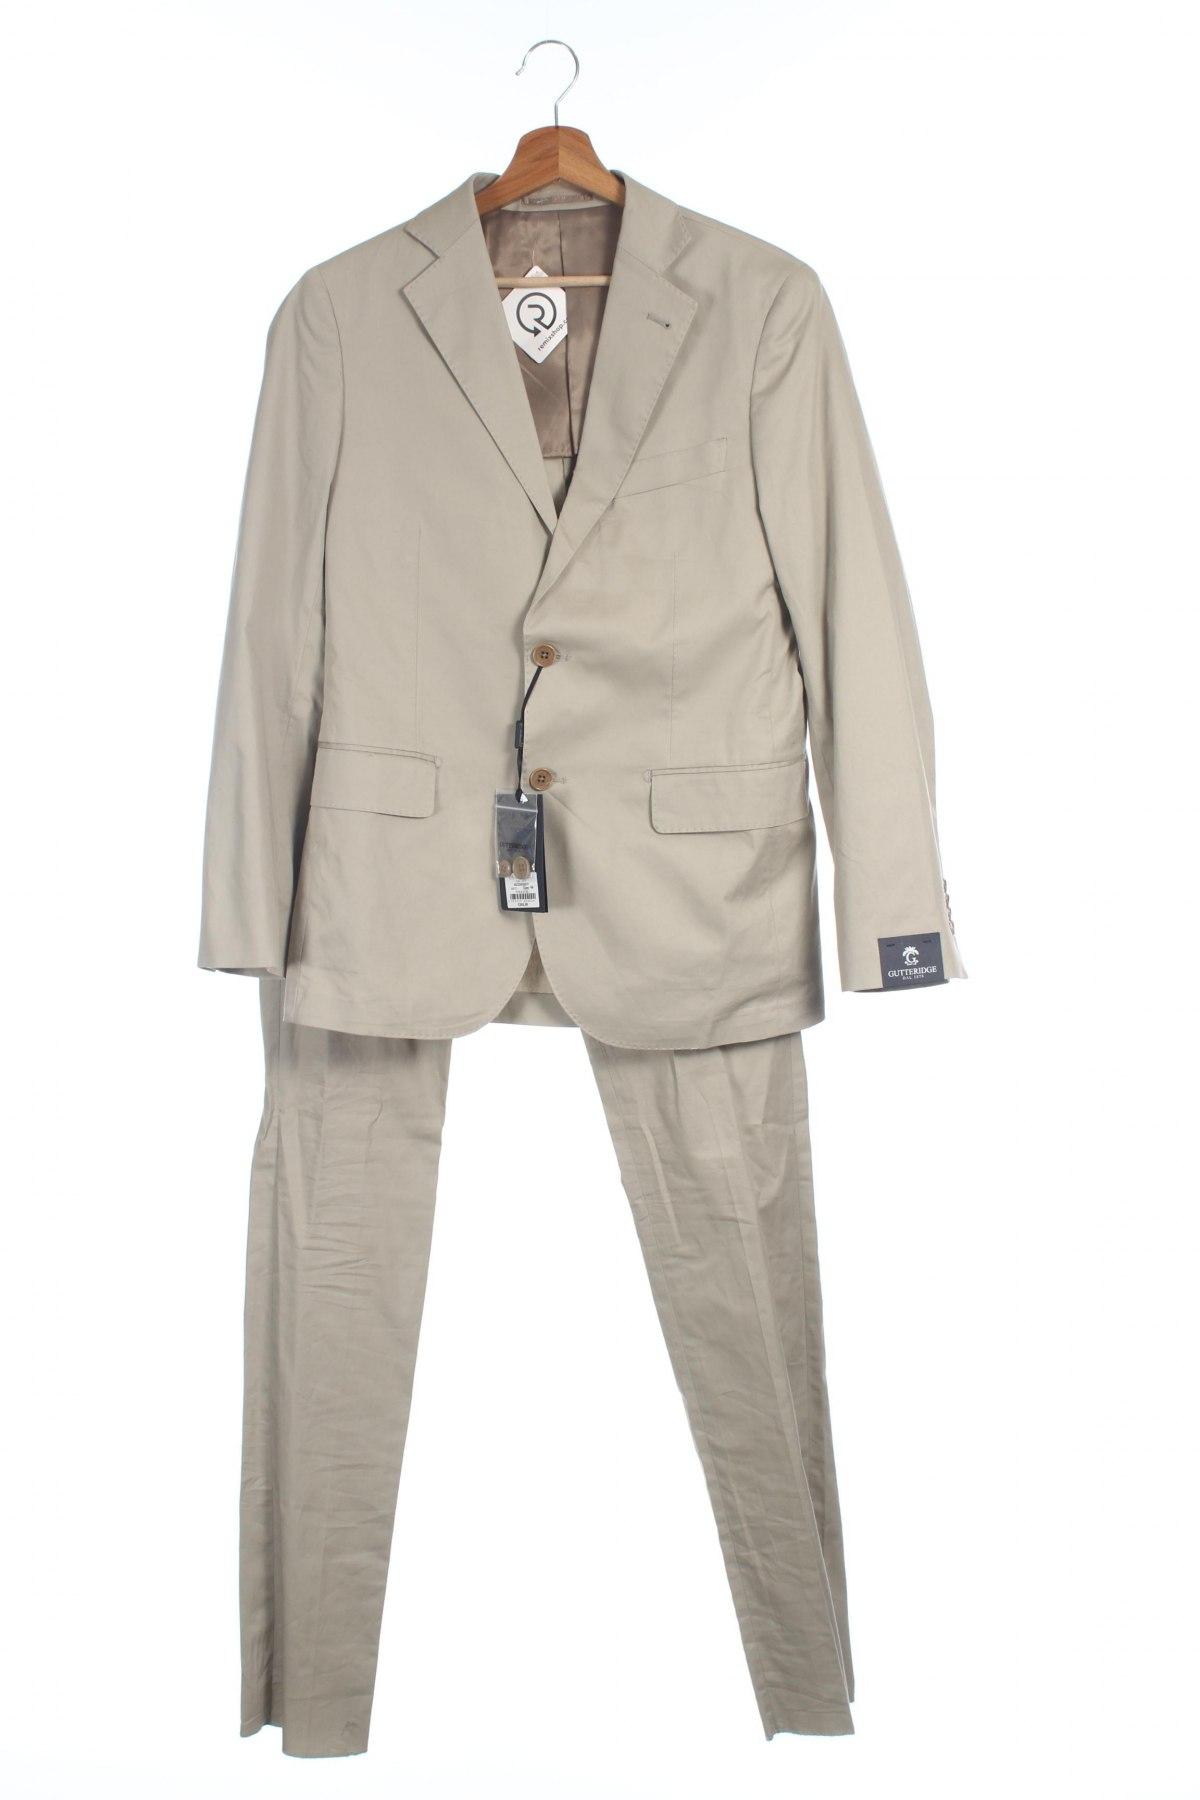 Ανδρικό κοστούμι Gutteridge